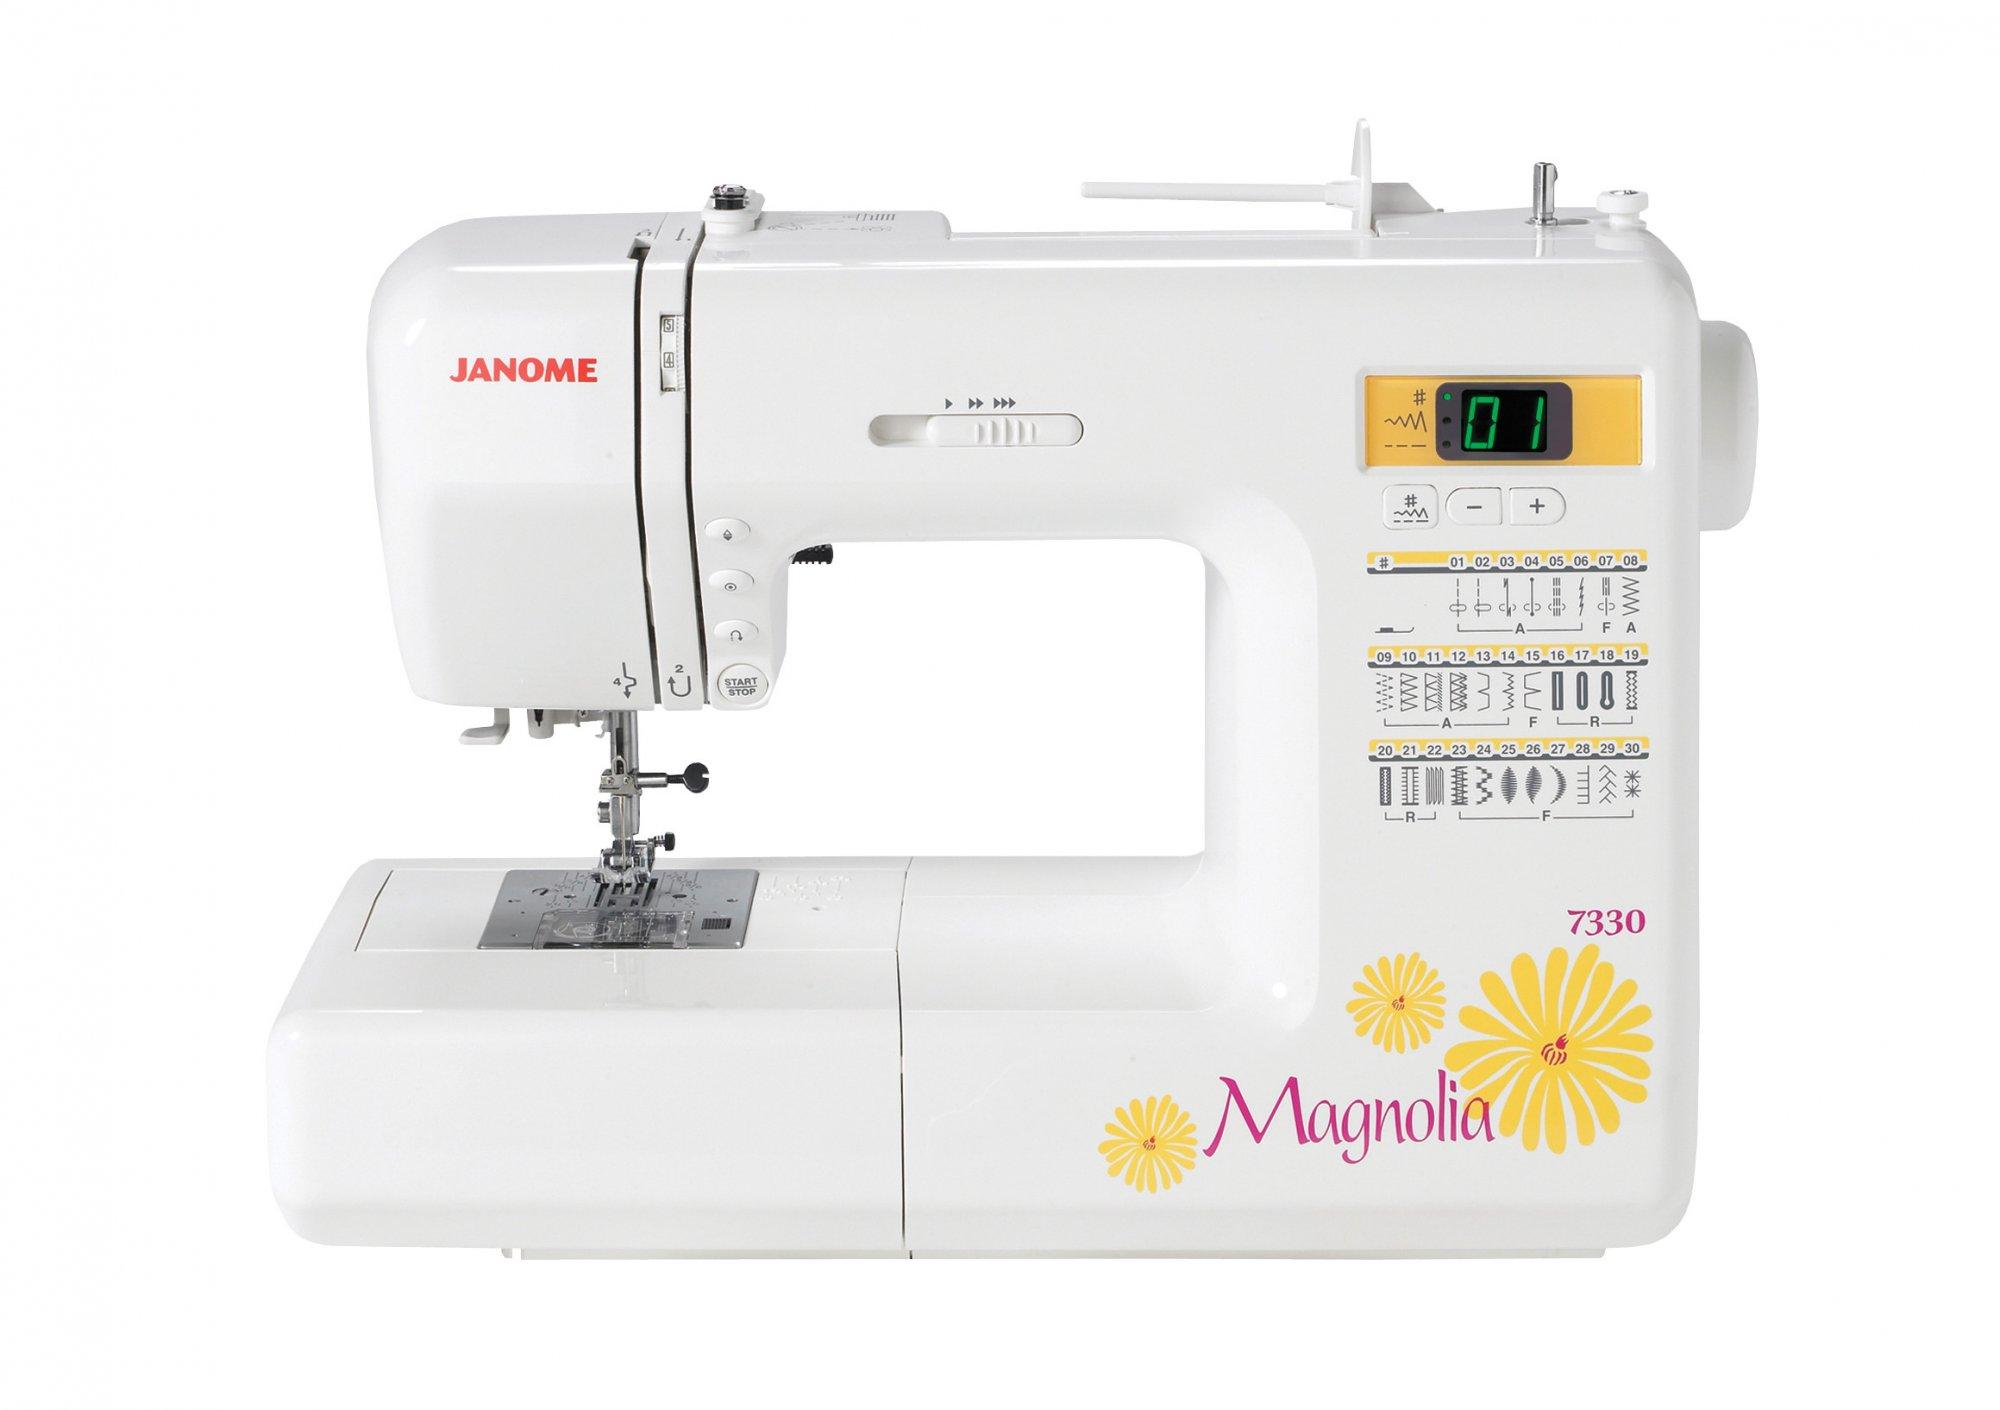 Magnolia 7330